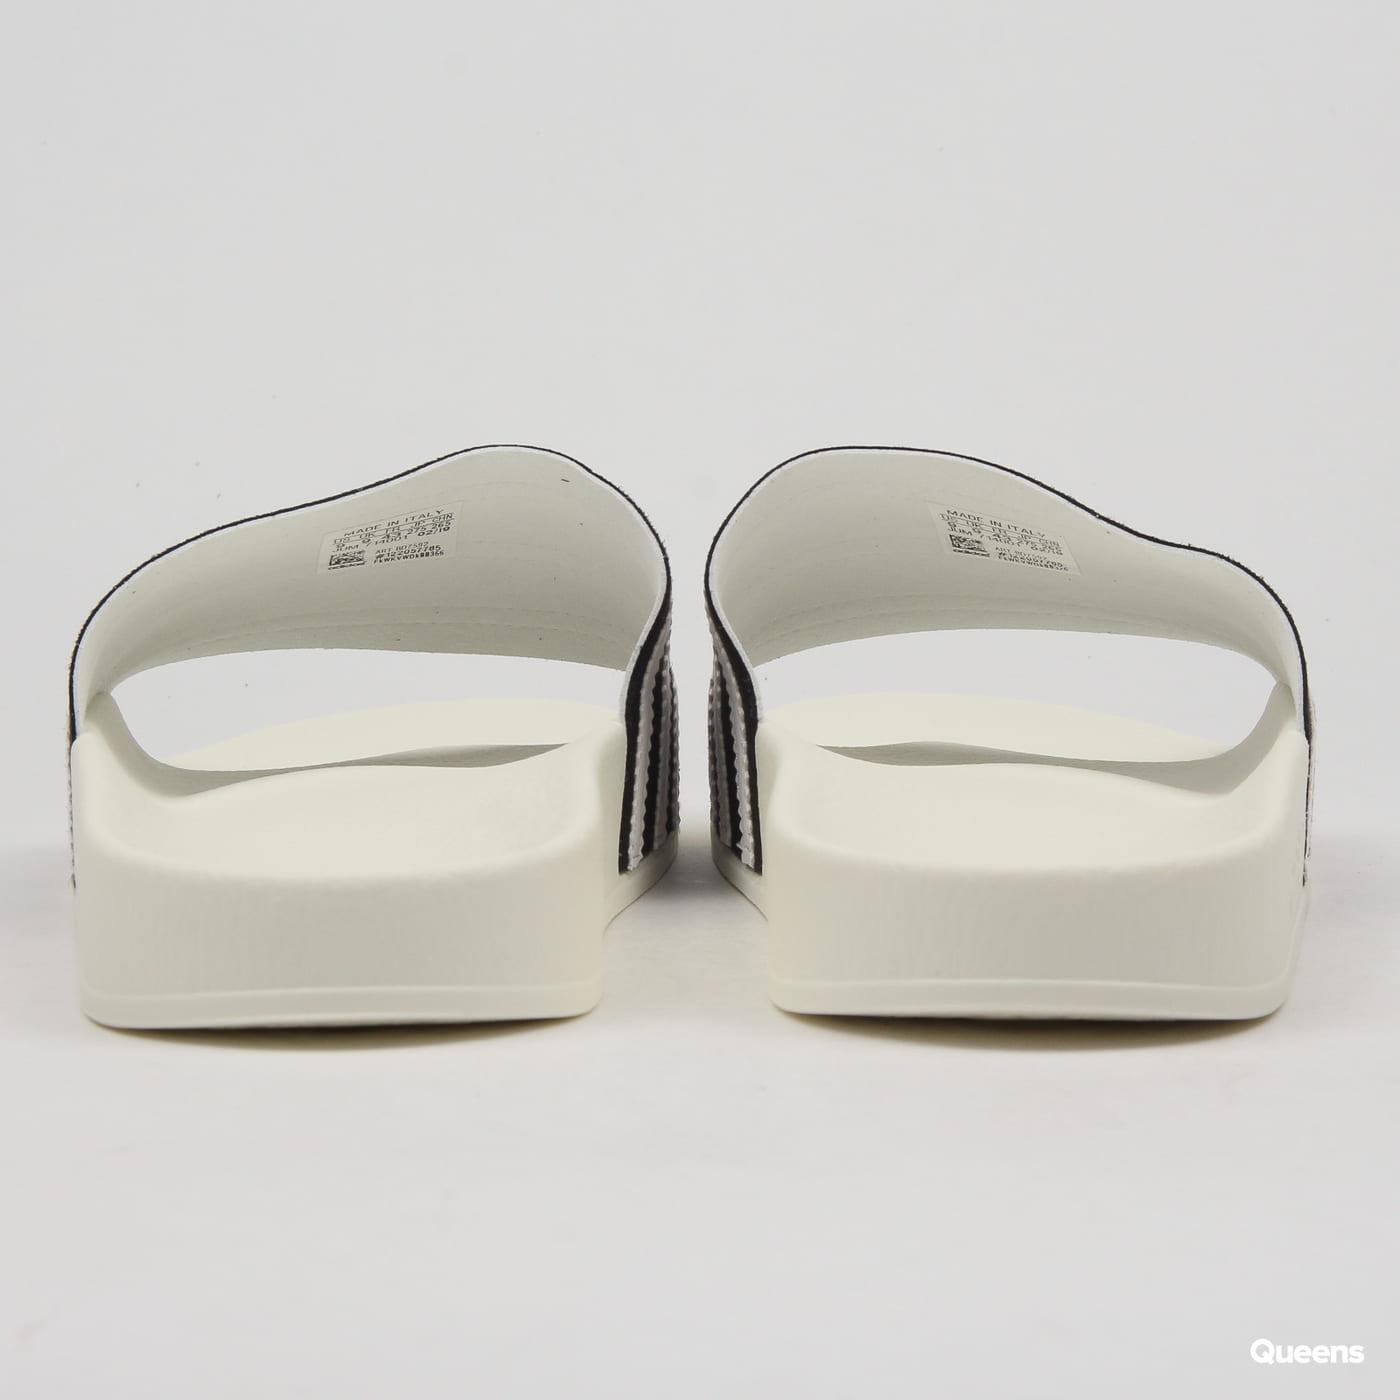 adidas Originals Adilette cblack / ftwwht / owhite